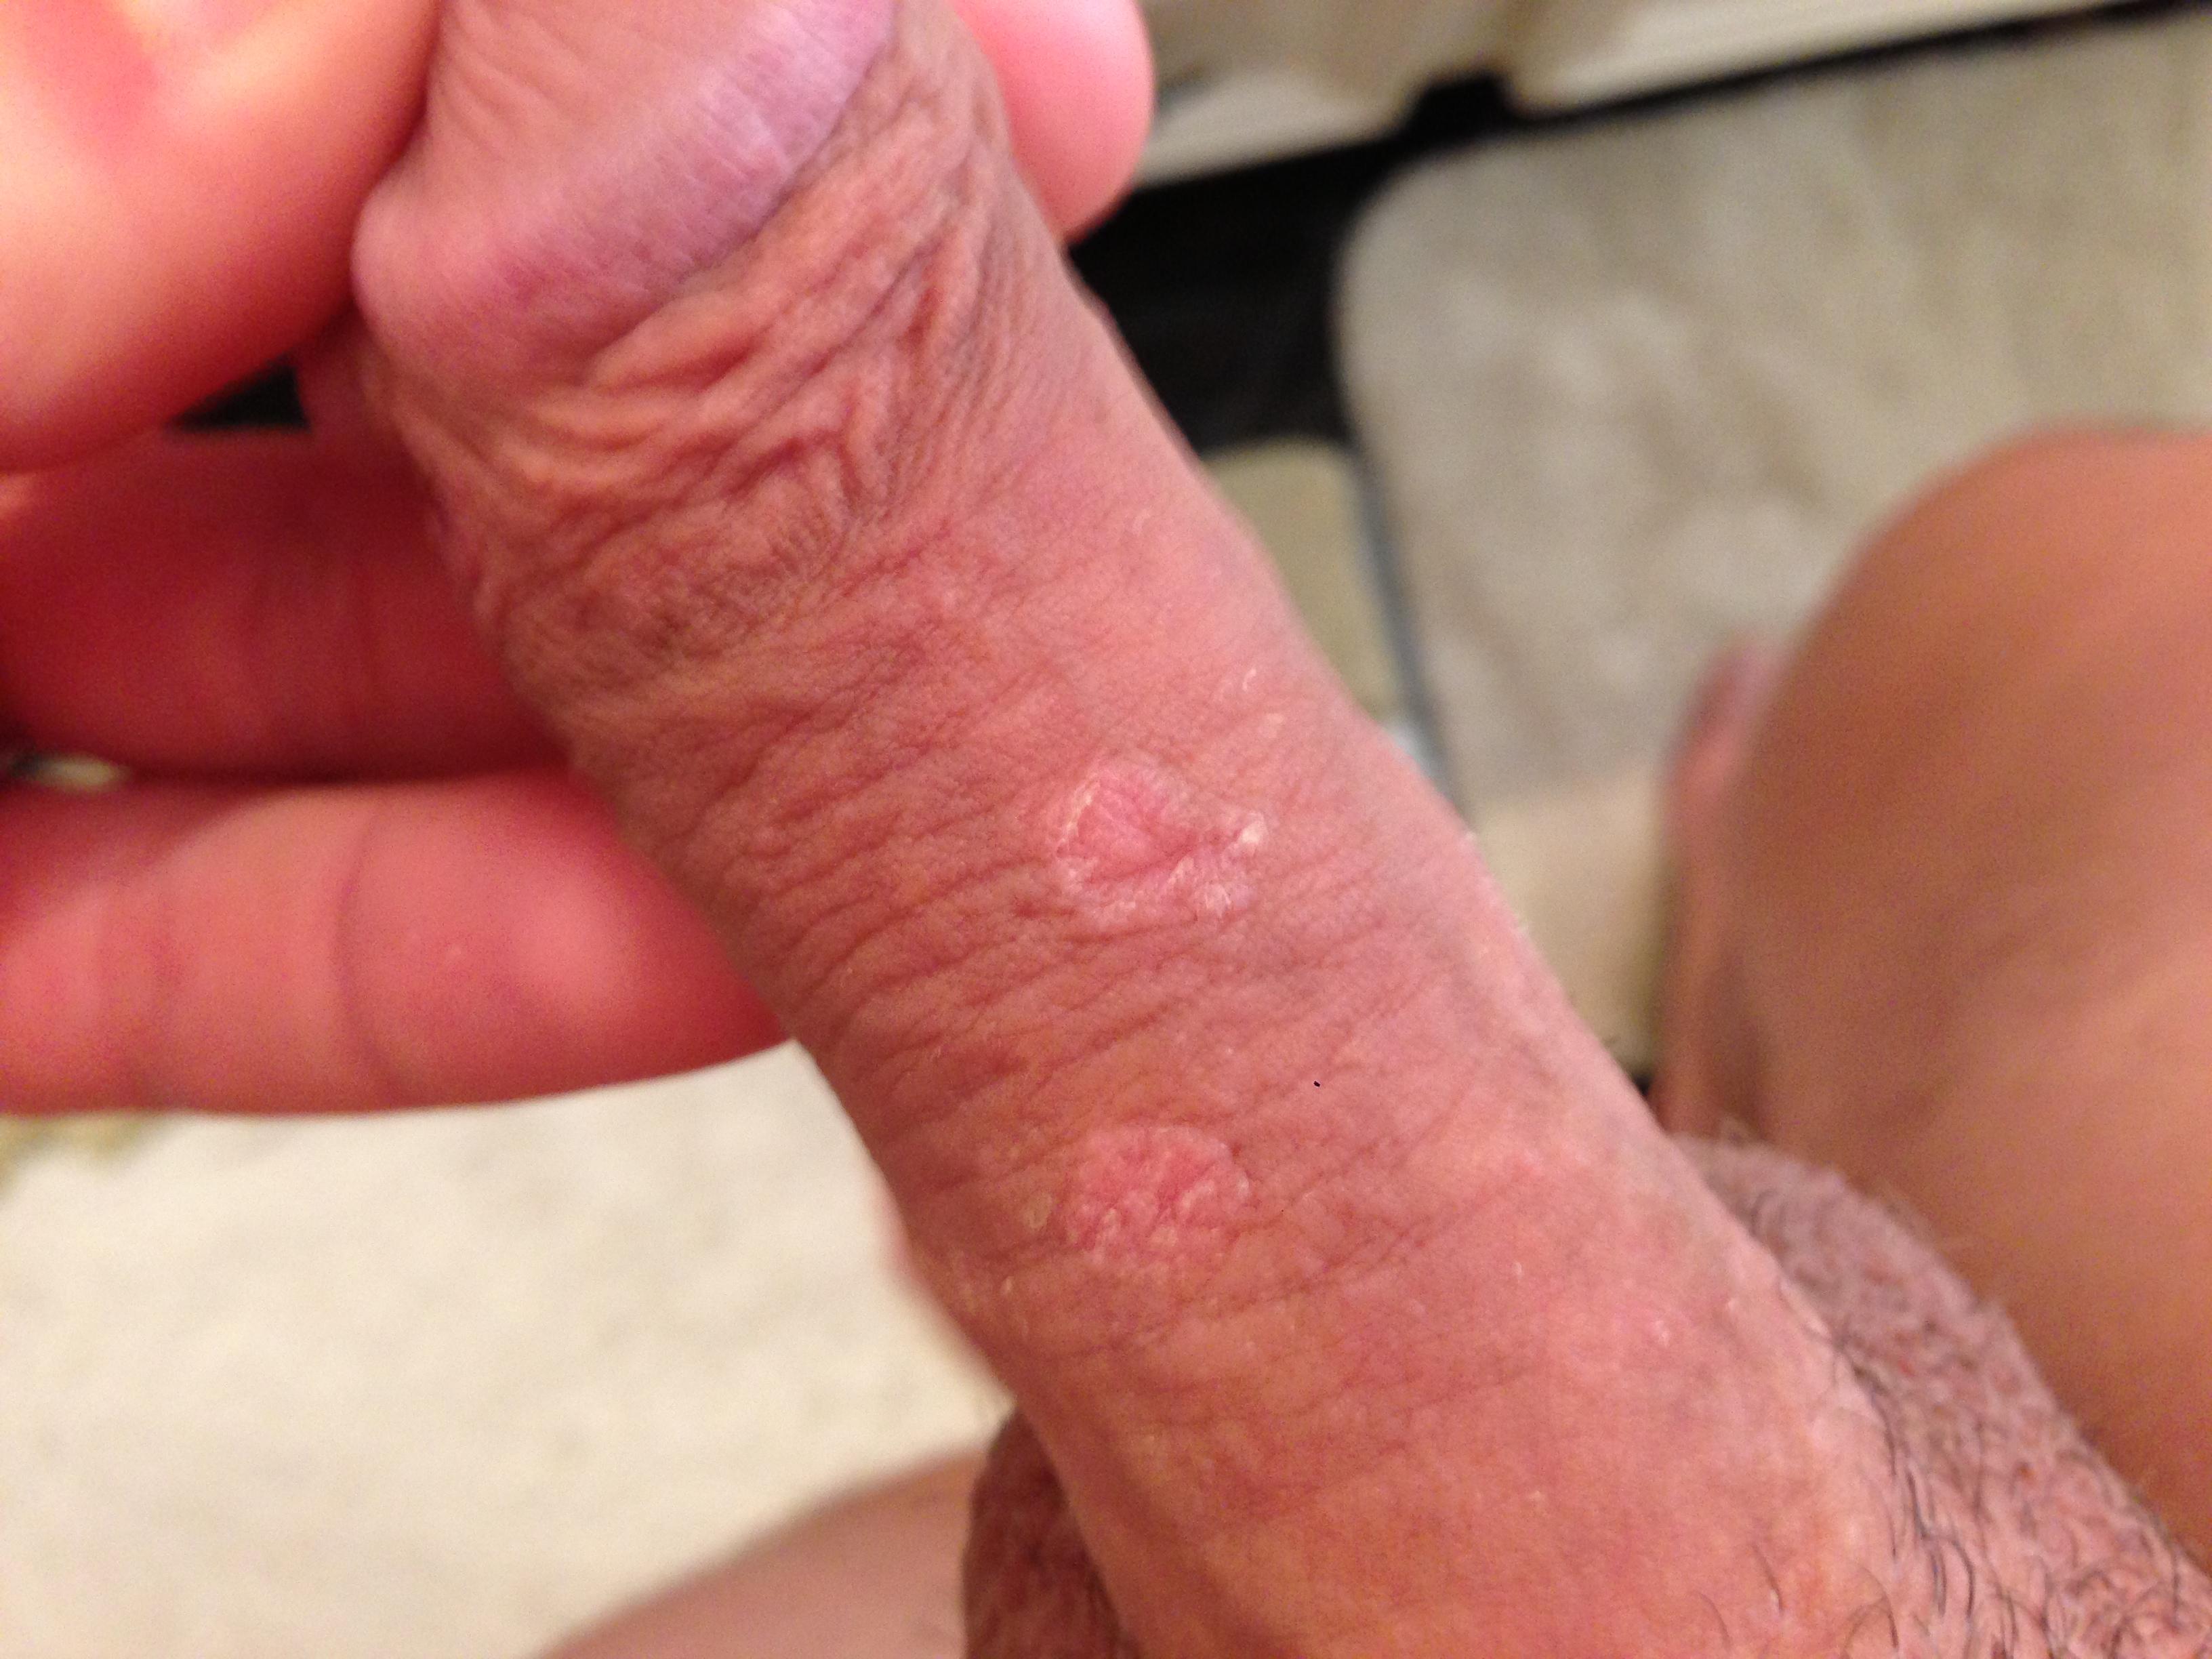 Rash on penis after sex